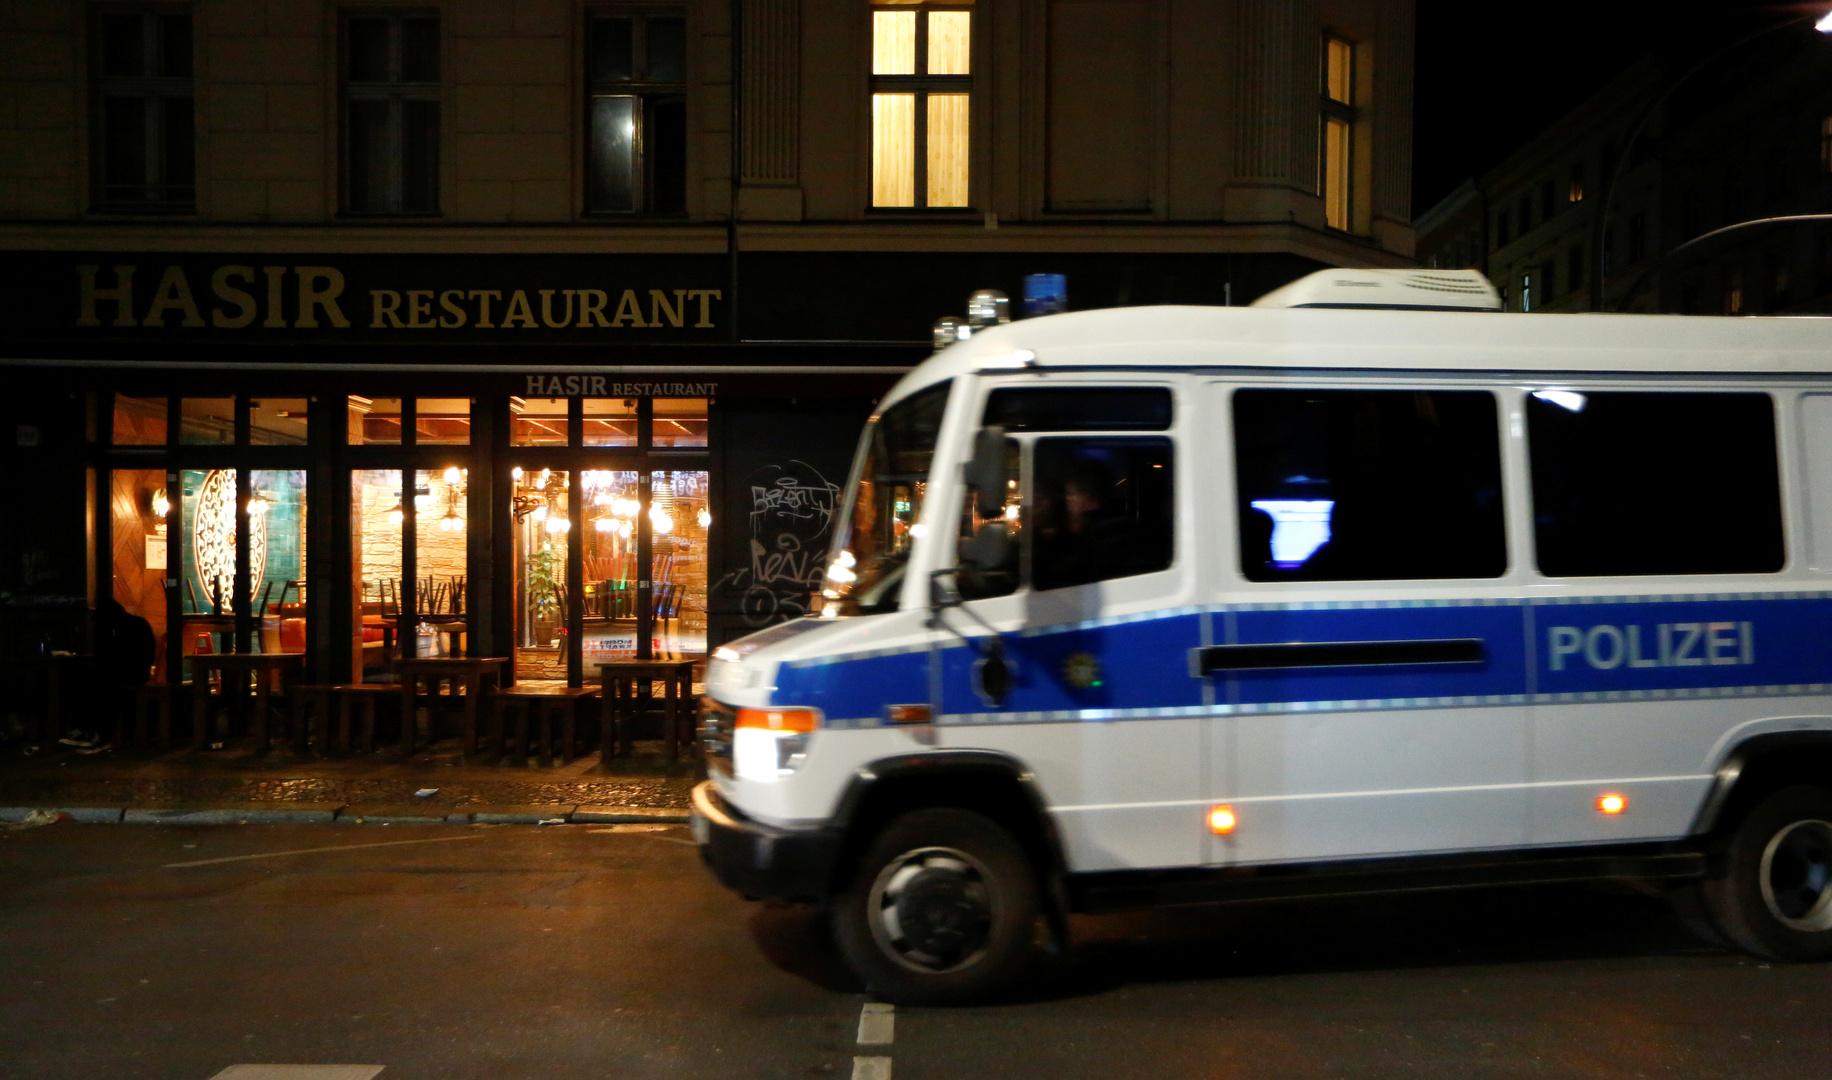 الشرطة الألمانية: مهاجر أفغاني يصيب شخصين بسكين في برلين